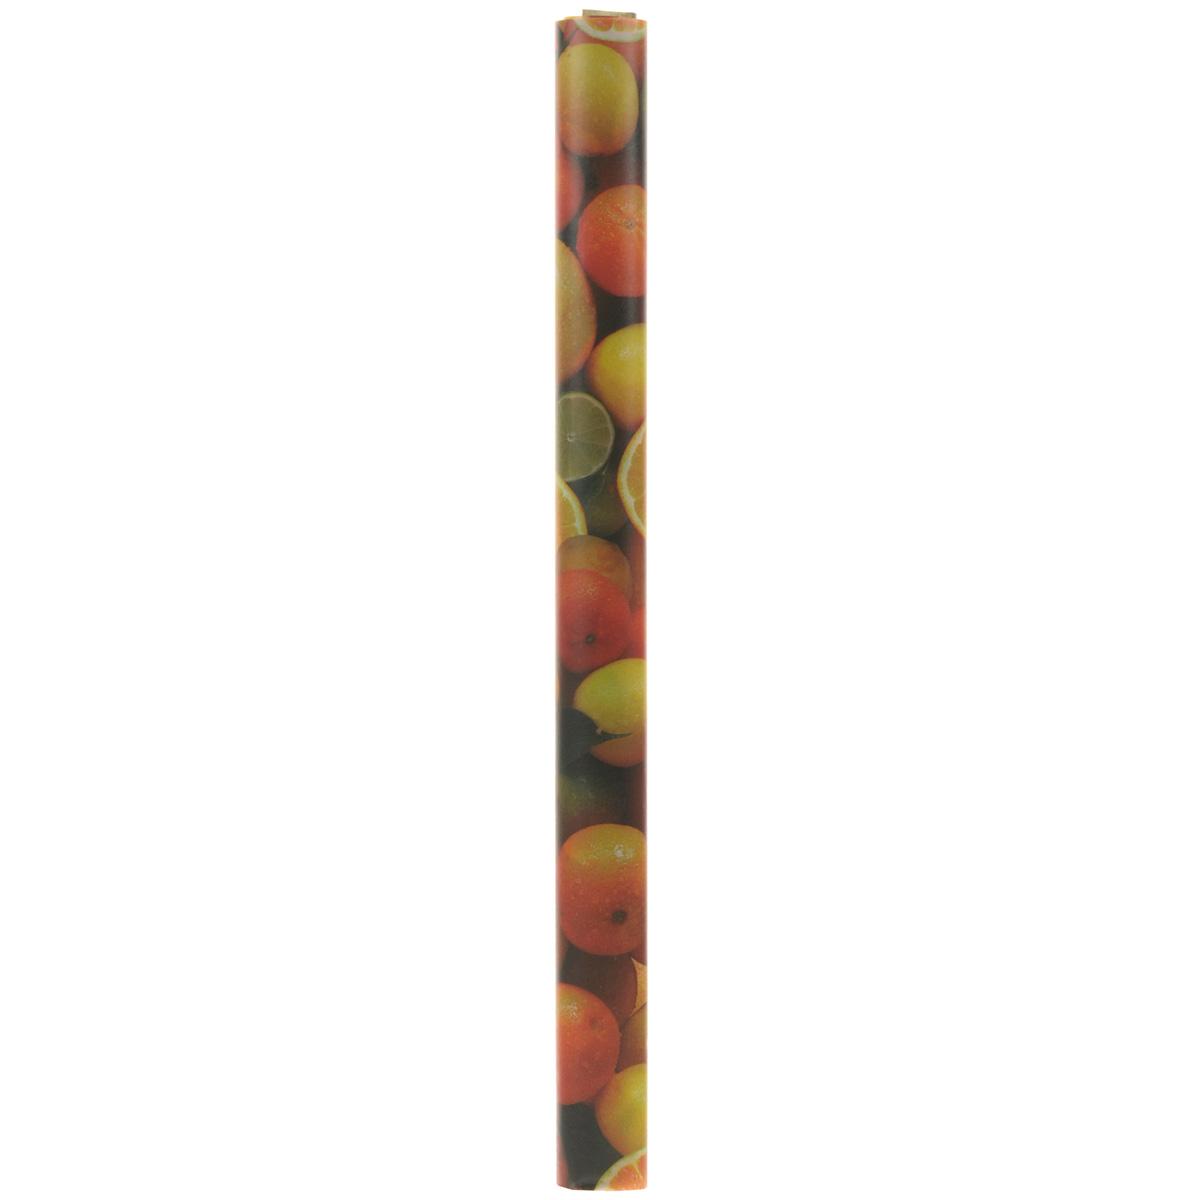 Транспарентная бумага Folia Цитрусы, 50,5 x 70 см7708106Транспарентная бумага Folia Цитрусы - полупрозрачная бумага с оригинальным дизайном в виде апельсинов, лимонов и др. Используется для изготовления открыток, для скрапбукинга и других декоративных или дизайнерских работ. Бумага прекрасно держит форму, не пачкает руки, отлично крепится. Конструирование из транспарентной бумаги - необходимый для развития детей процесс. Во время занятия аппликацией ребенок сумеет разработать четкость движений, ловкость пальцев, аккуратность и внимательность. Кроме того, транспарентная бумага позволит разнообразить идеи ребенка при создании творческих работ.